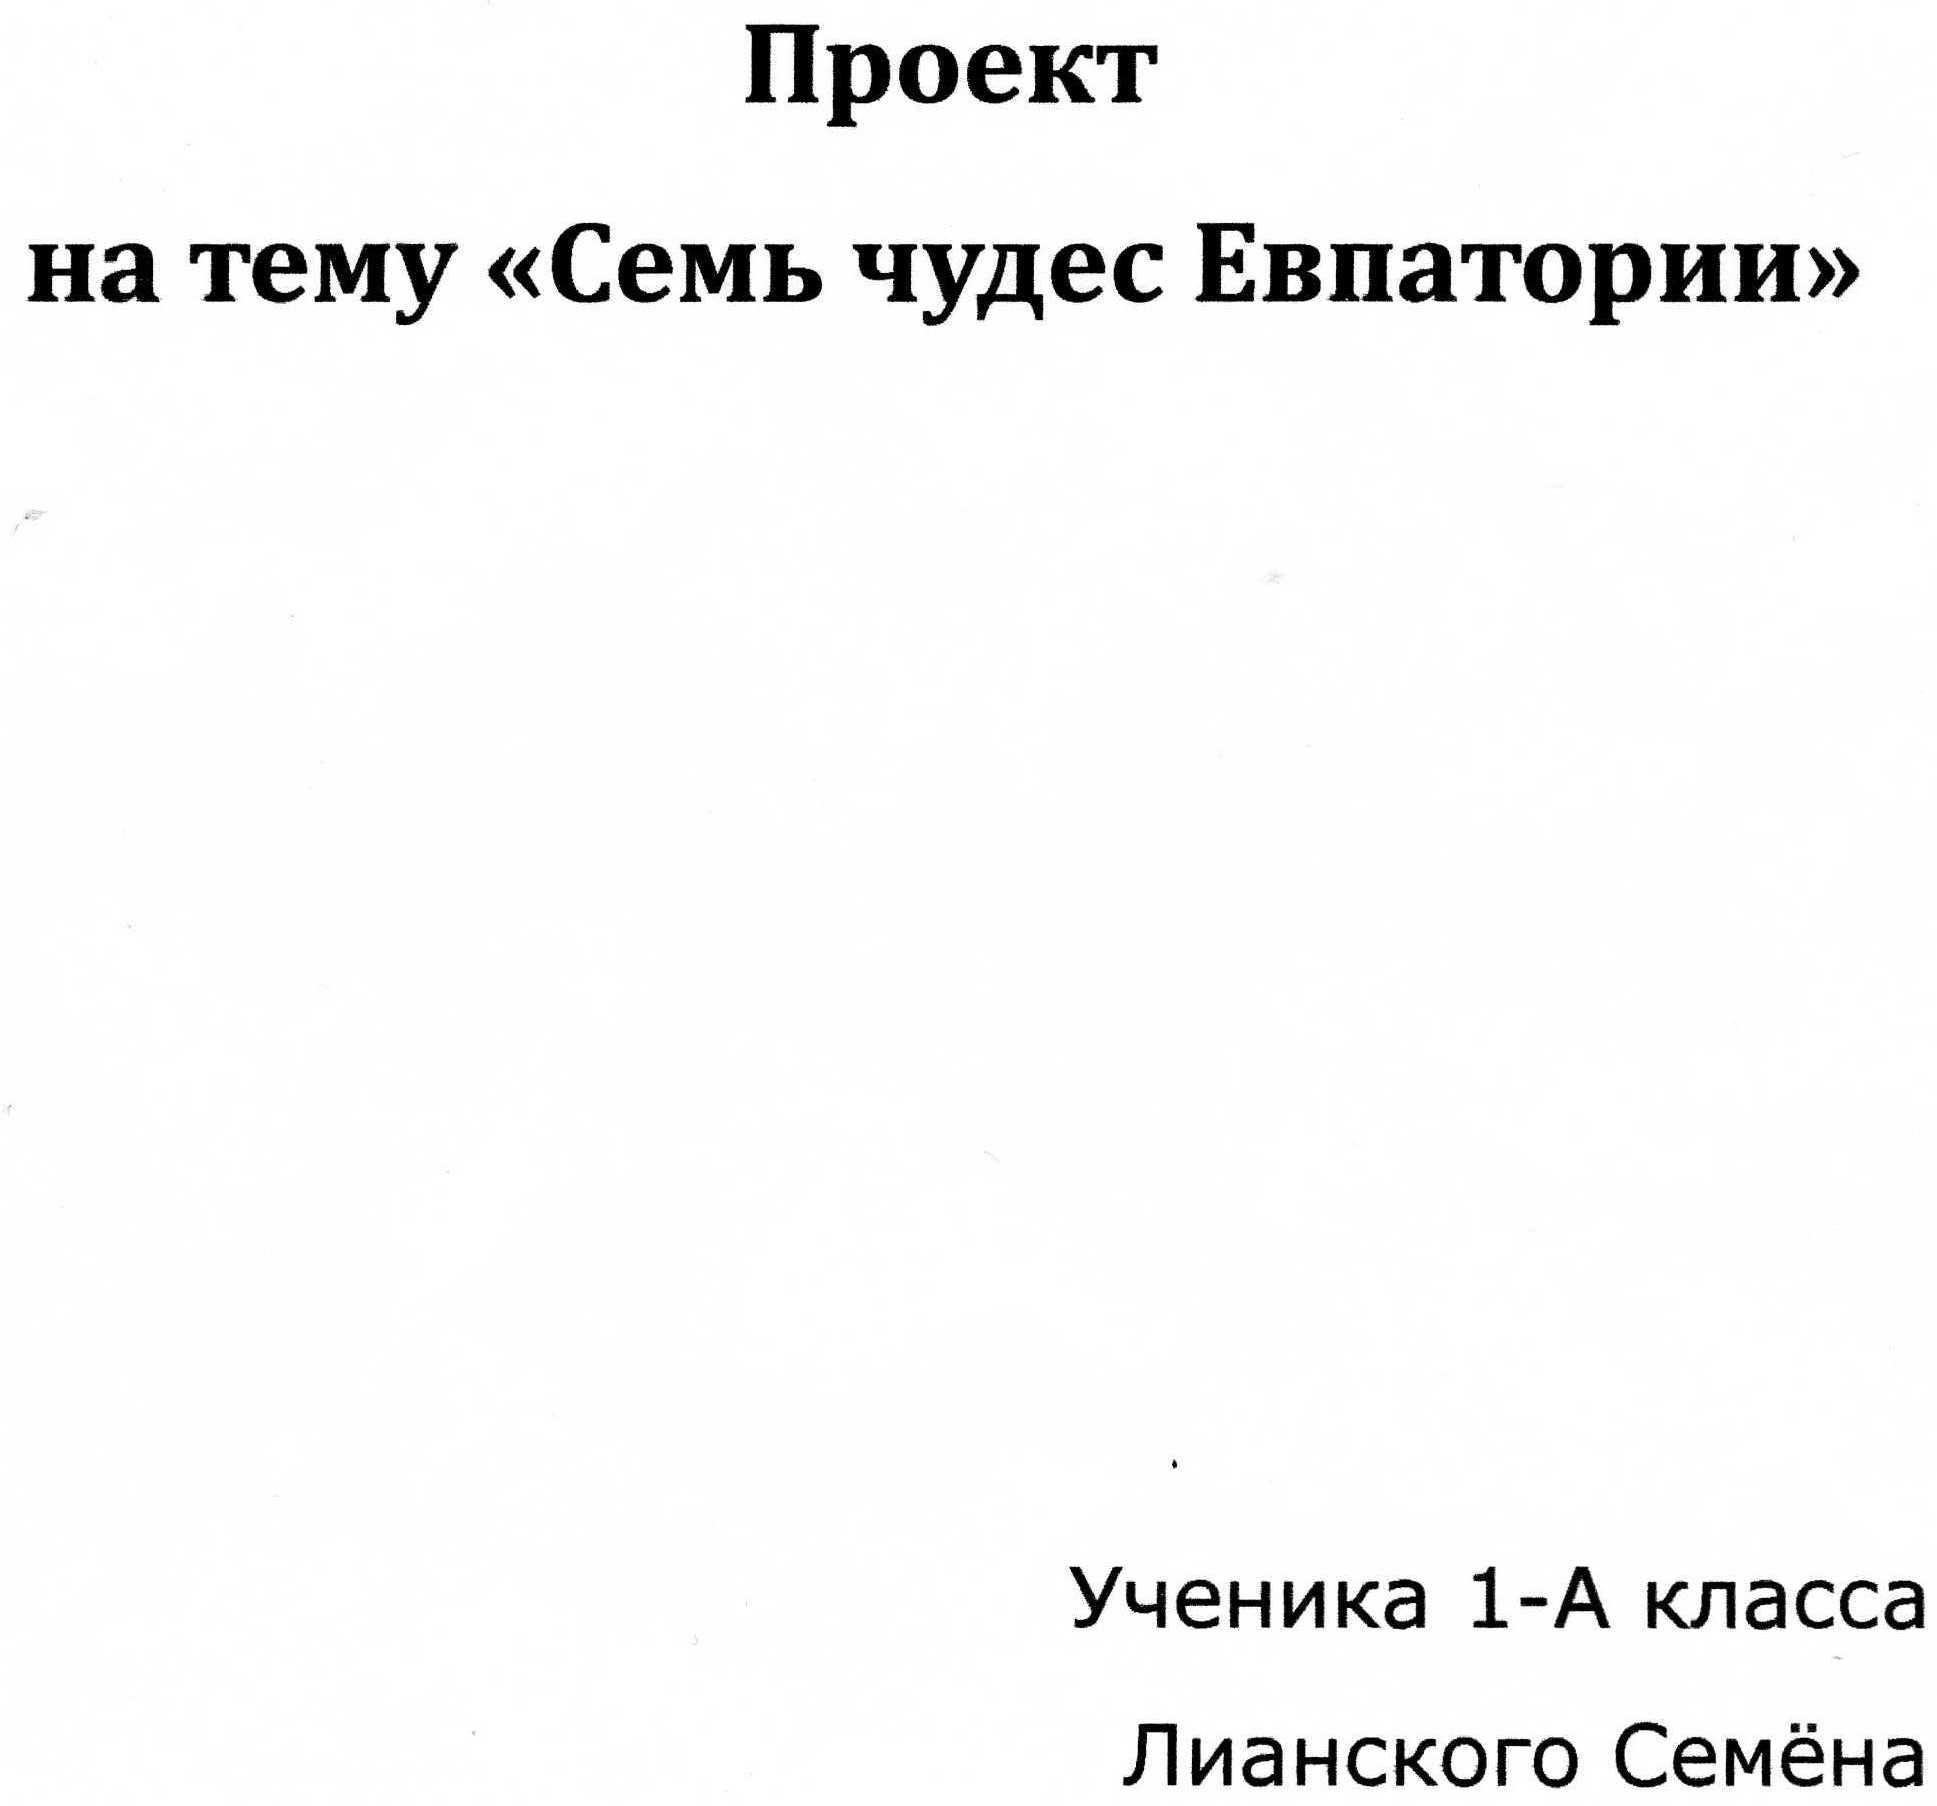 C:\Documents and Settings\Администратор\Мои документы\Мои рисунки\img018.jpg